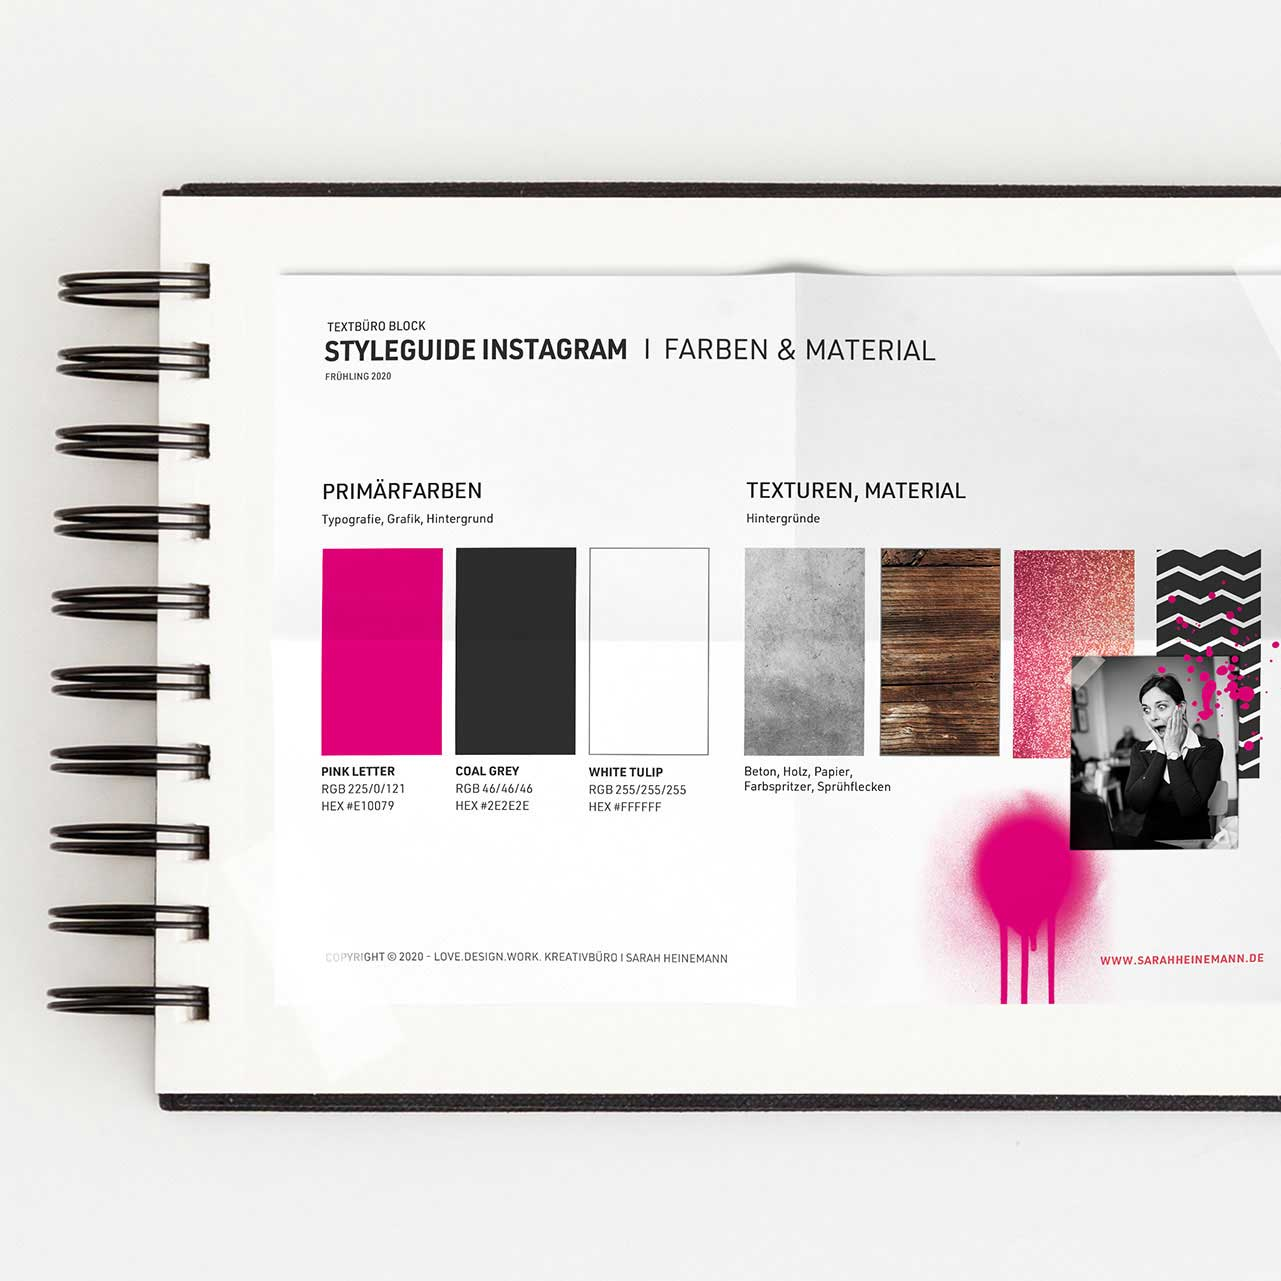 Styleguide von Instagram Design für das Textbüro von Texterin Lena Block